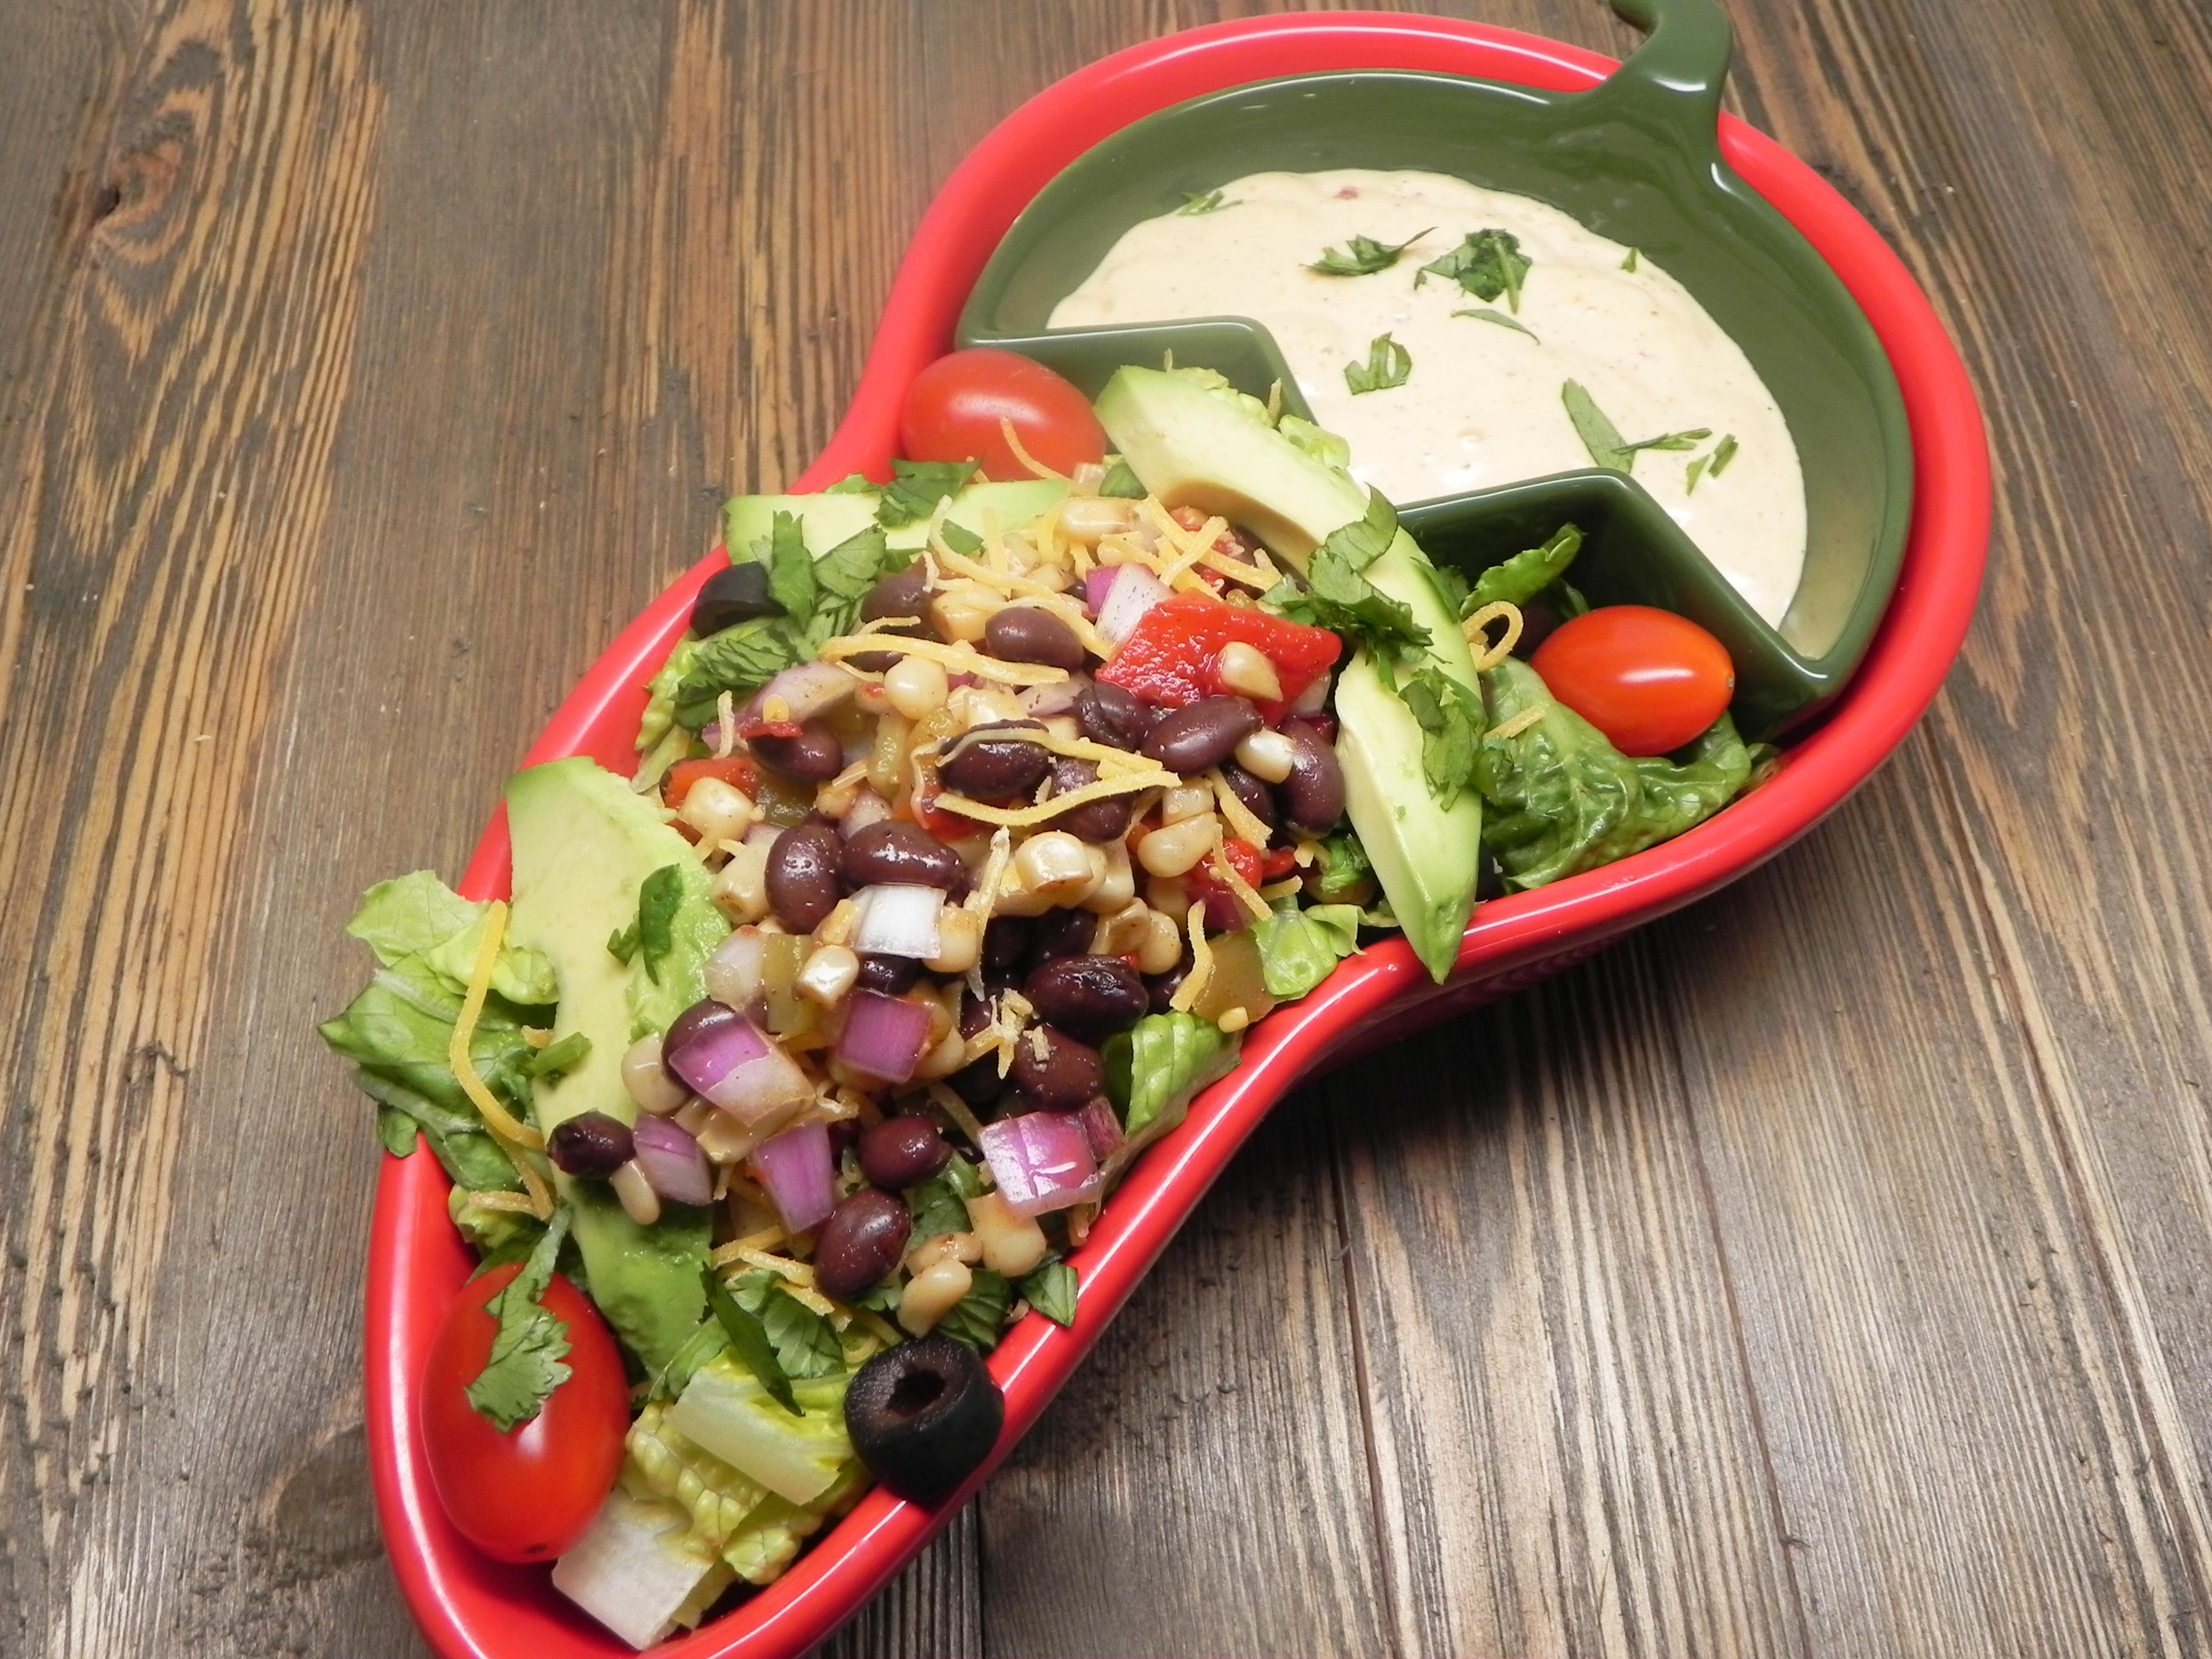 Southwest Layered Salad